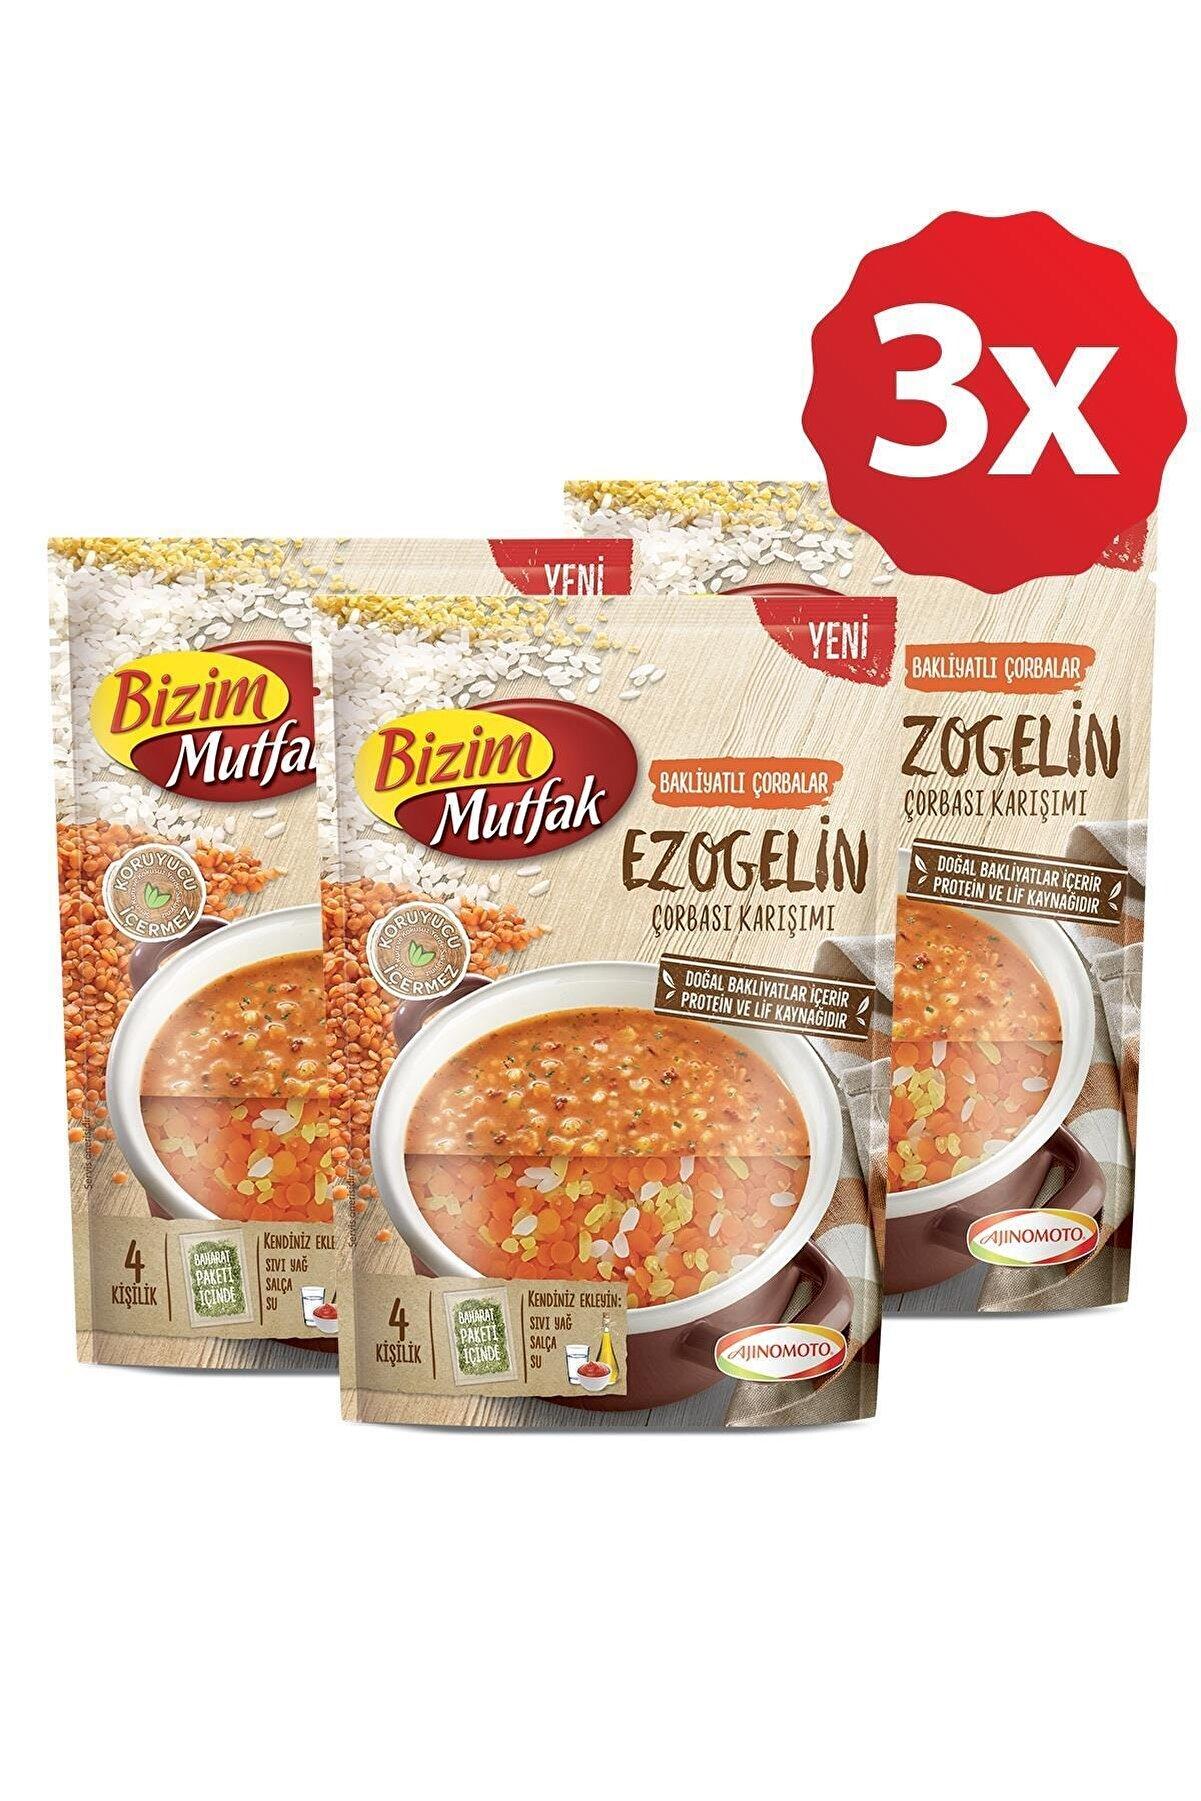 Bizim Mutfak Bakliyatlı Çorbalar Ezogelin Çorbası Karışımı 3 Lü Paket